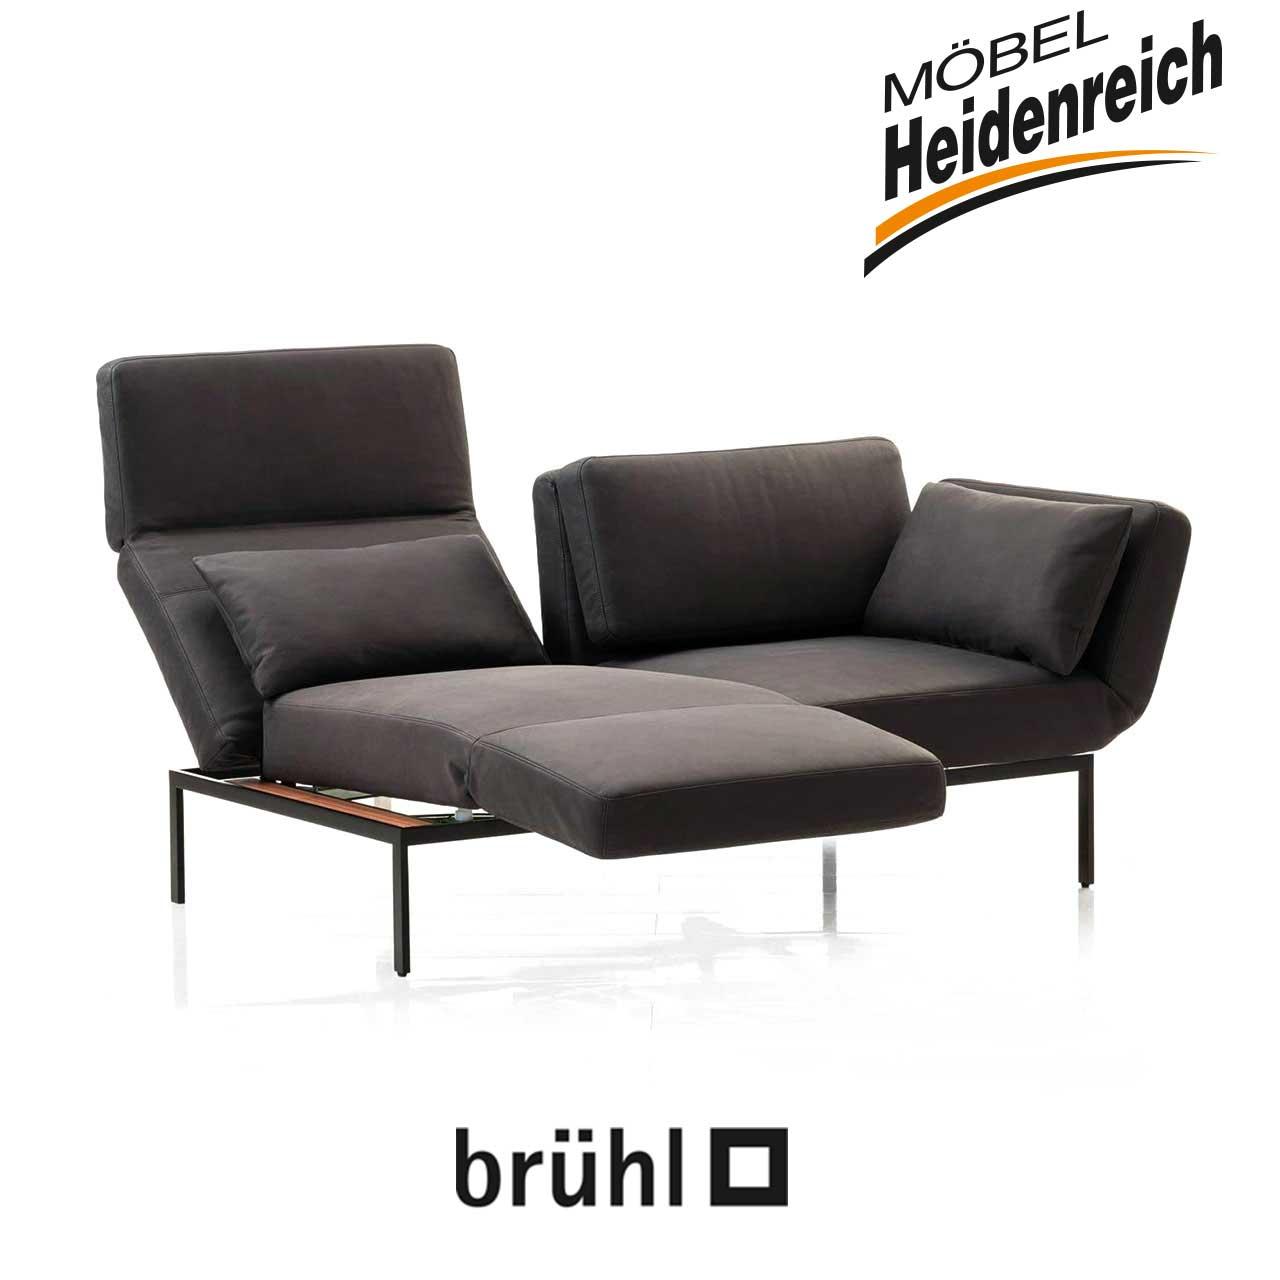 Bruhl Roro 20 Soft Sofa 2 Mit Drehsitzen 72005 Mobel Heidenreich